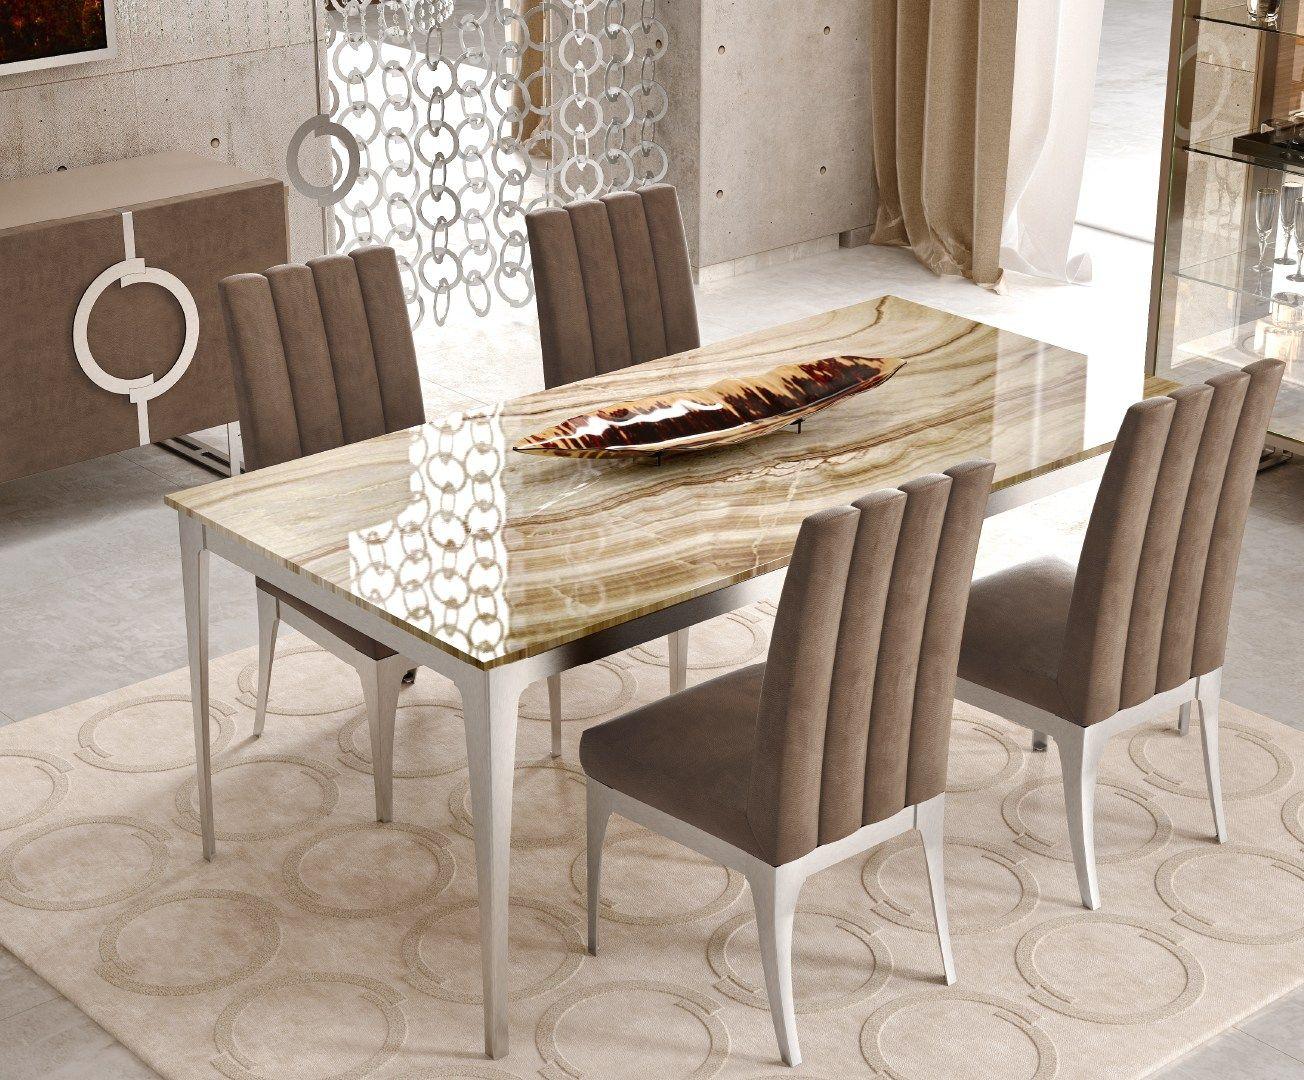 Dolomite tavolo rettangolare collezione concept by caroti for Tavolo rettangolare